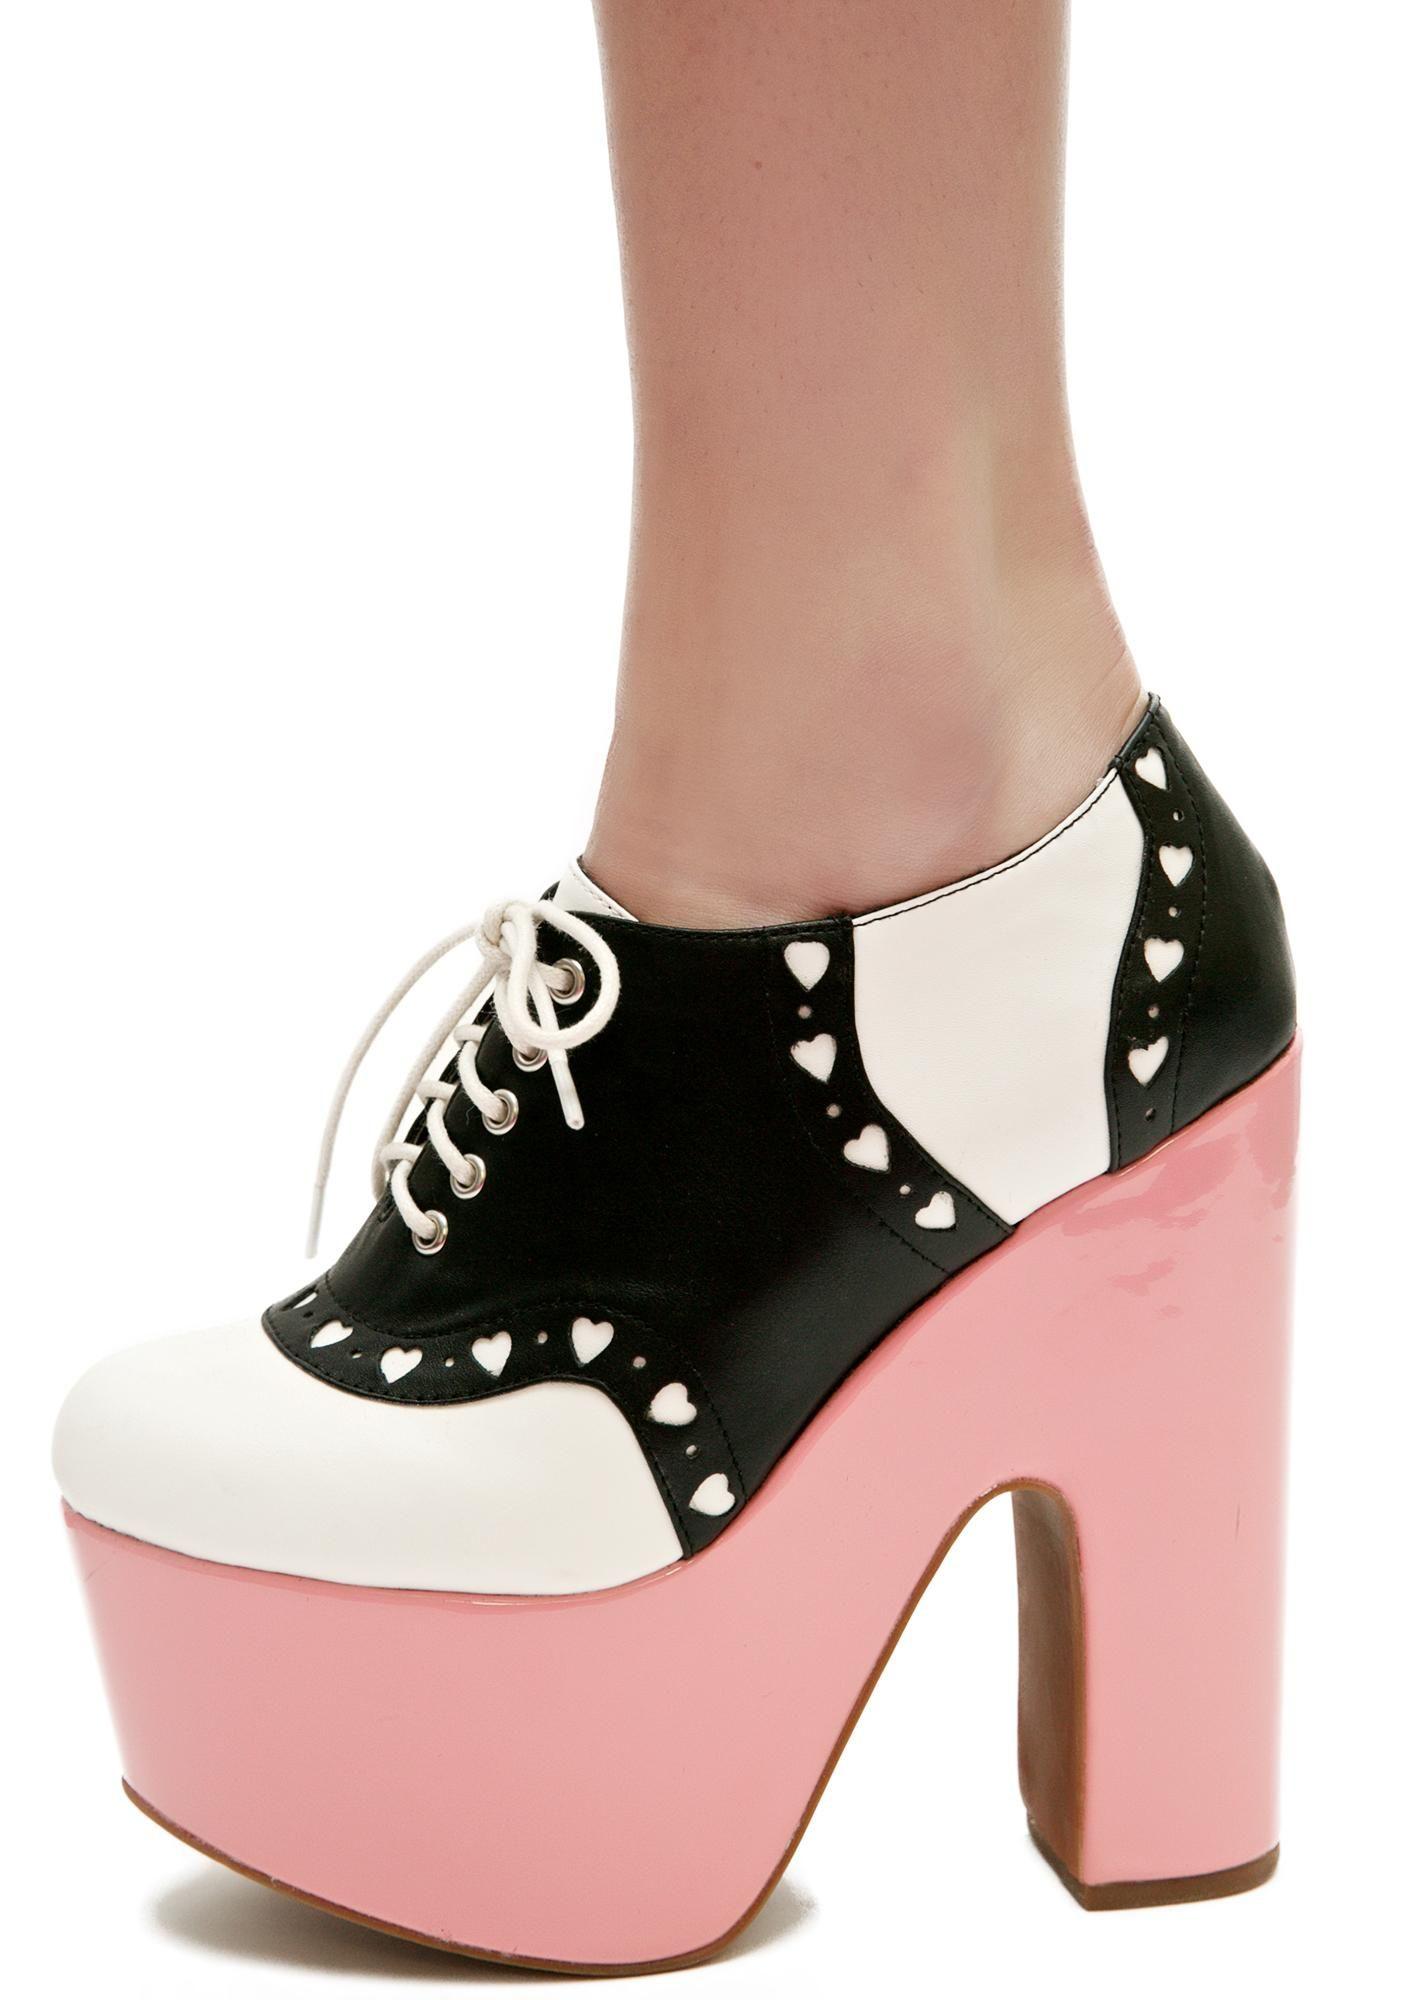 ROC Boots Australia Minnie Pumps discounts cheap online buy cheap sast fashionable sale online tFmIQzPK